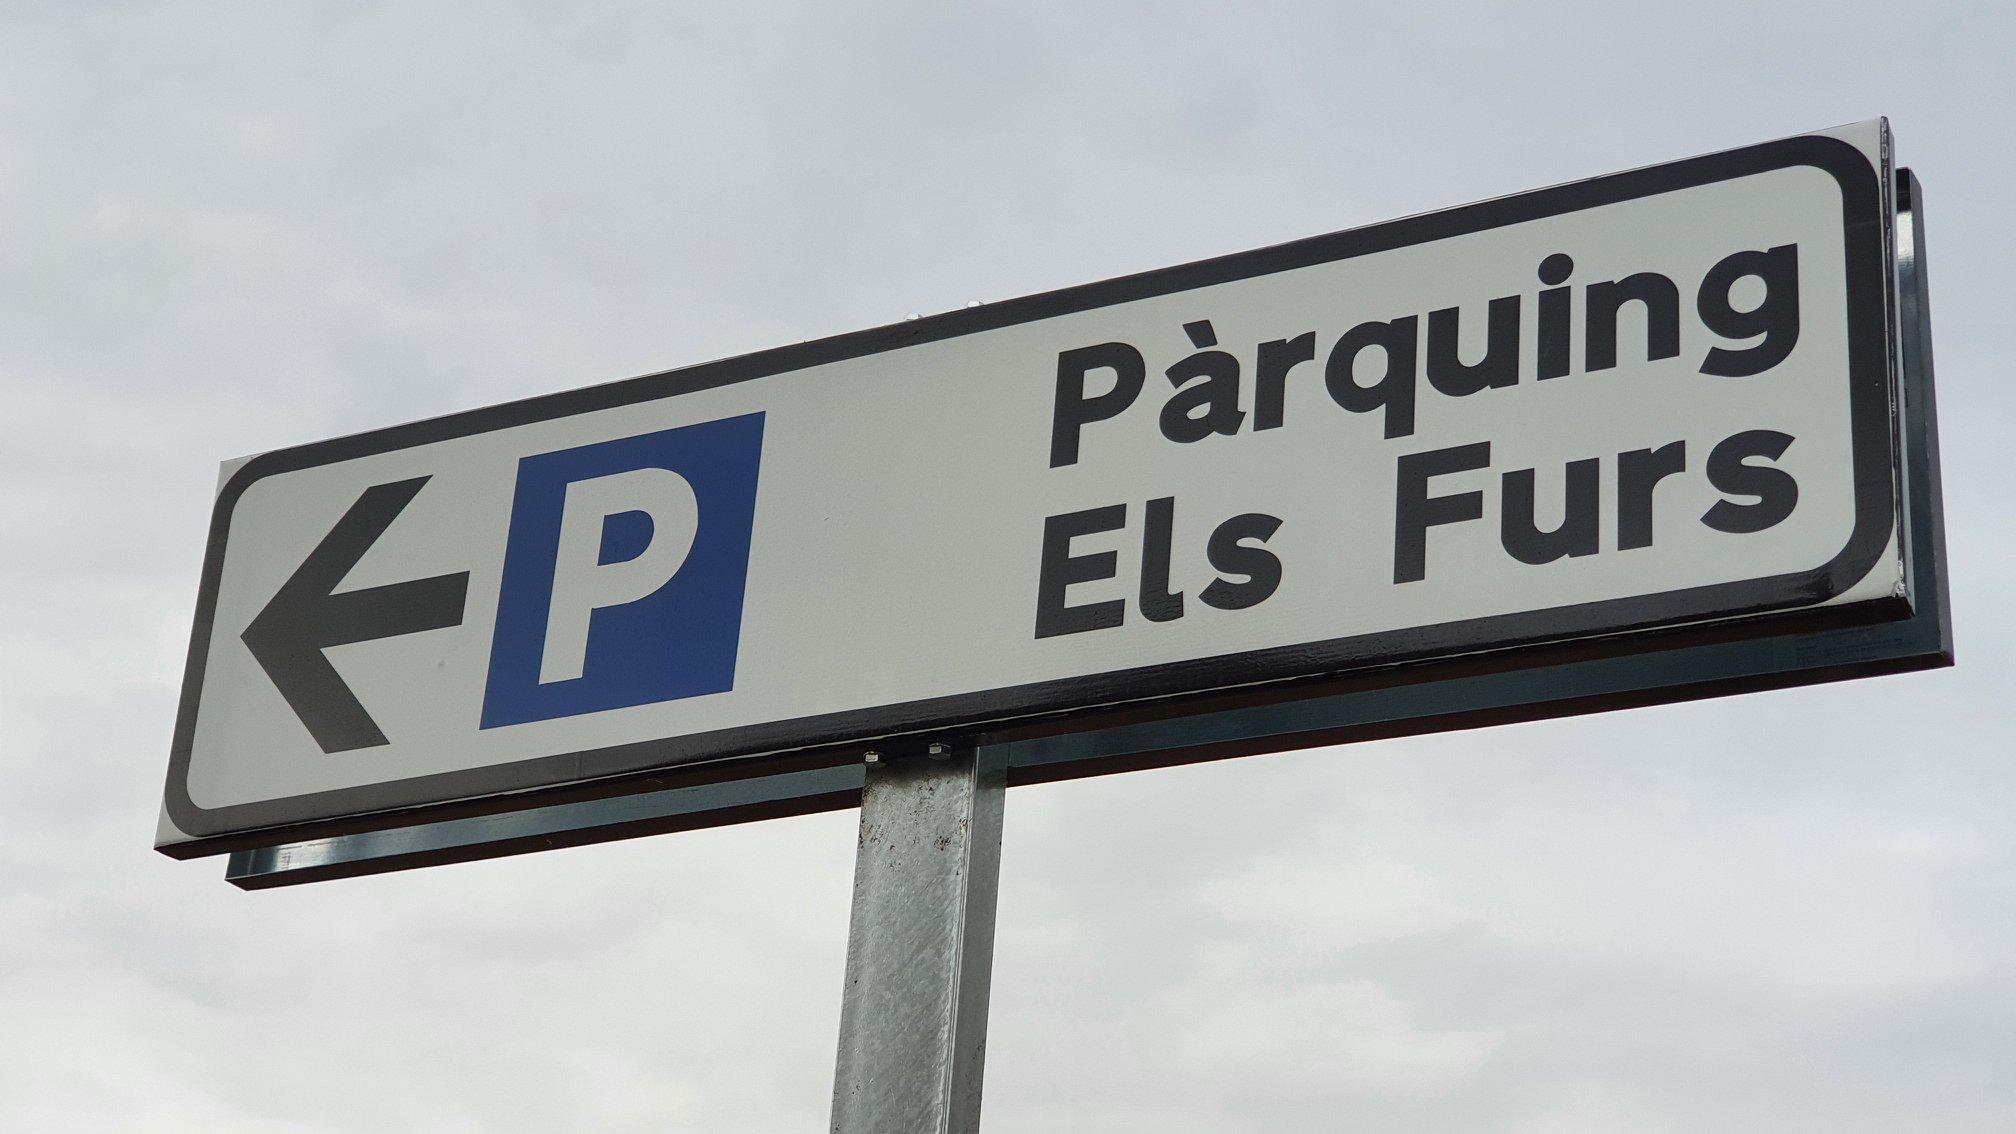 Obri el nou aparcament Els Furs amb 61 places en el centre del nucli urbà